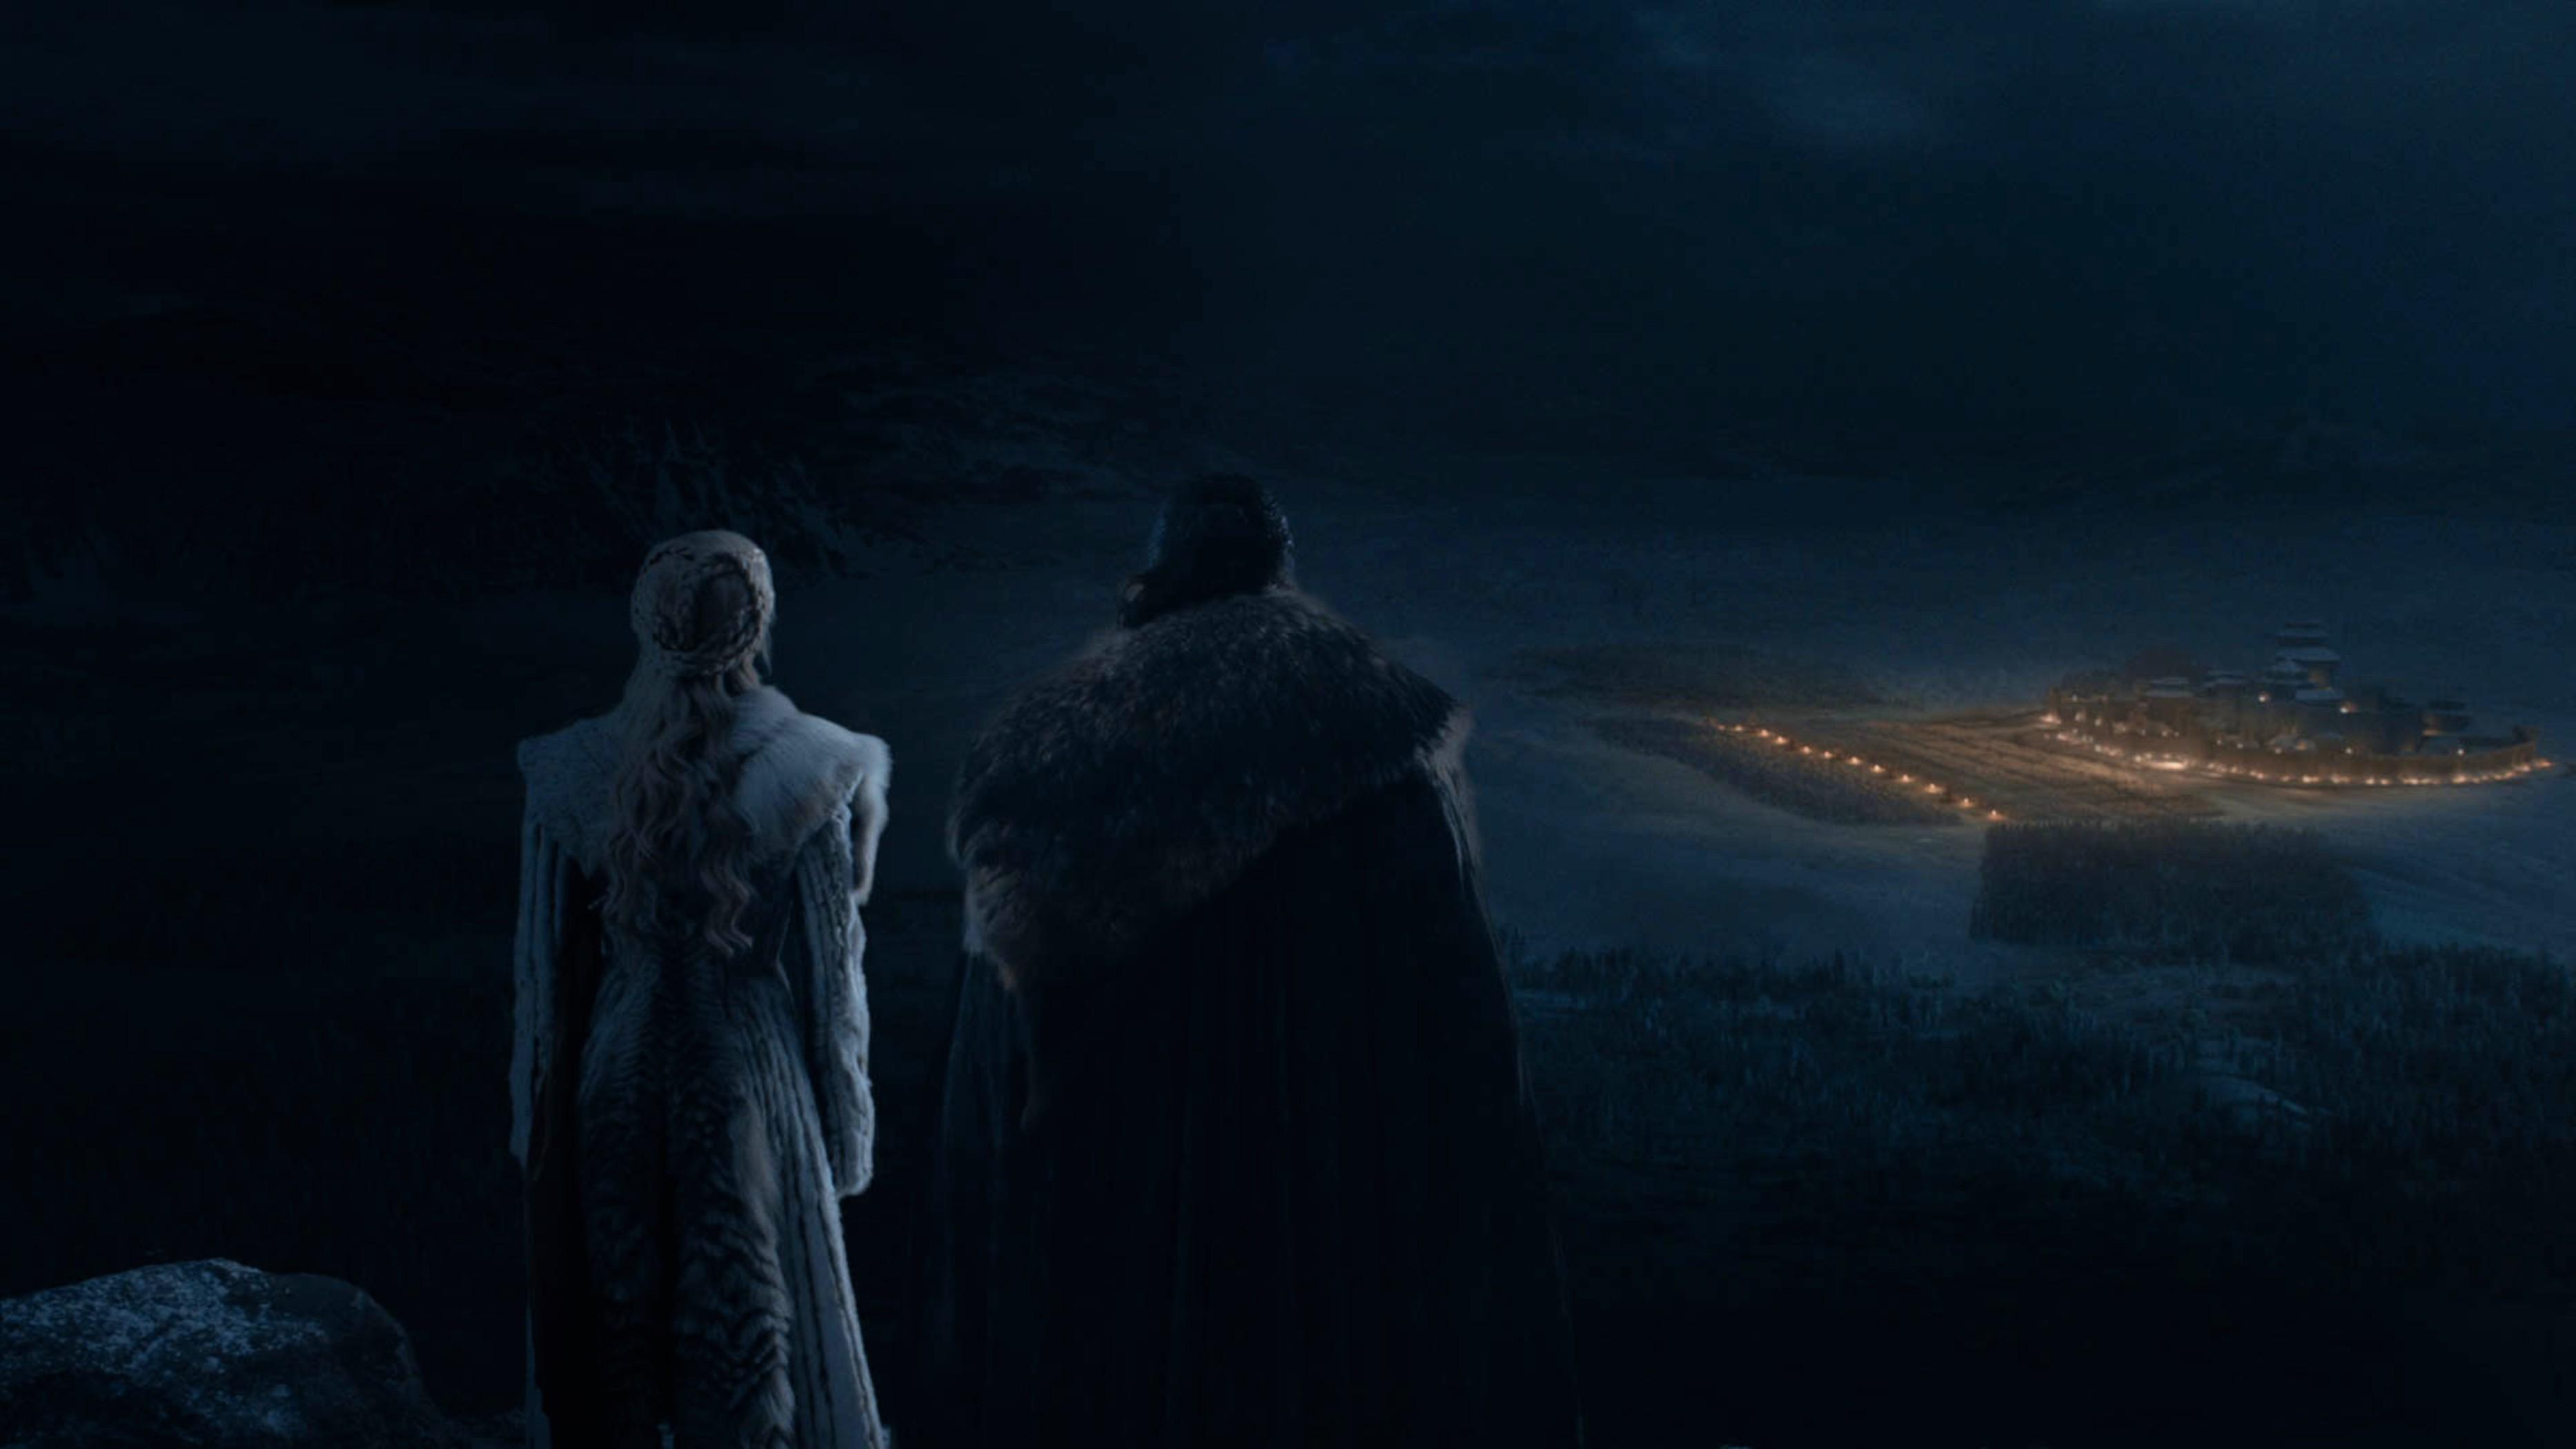 Daenerys-Jon-Winterfell-803-Season-8